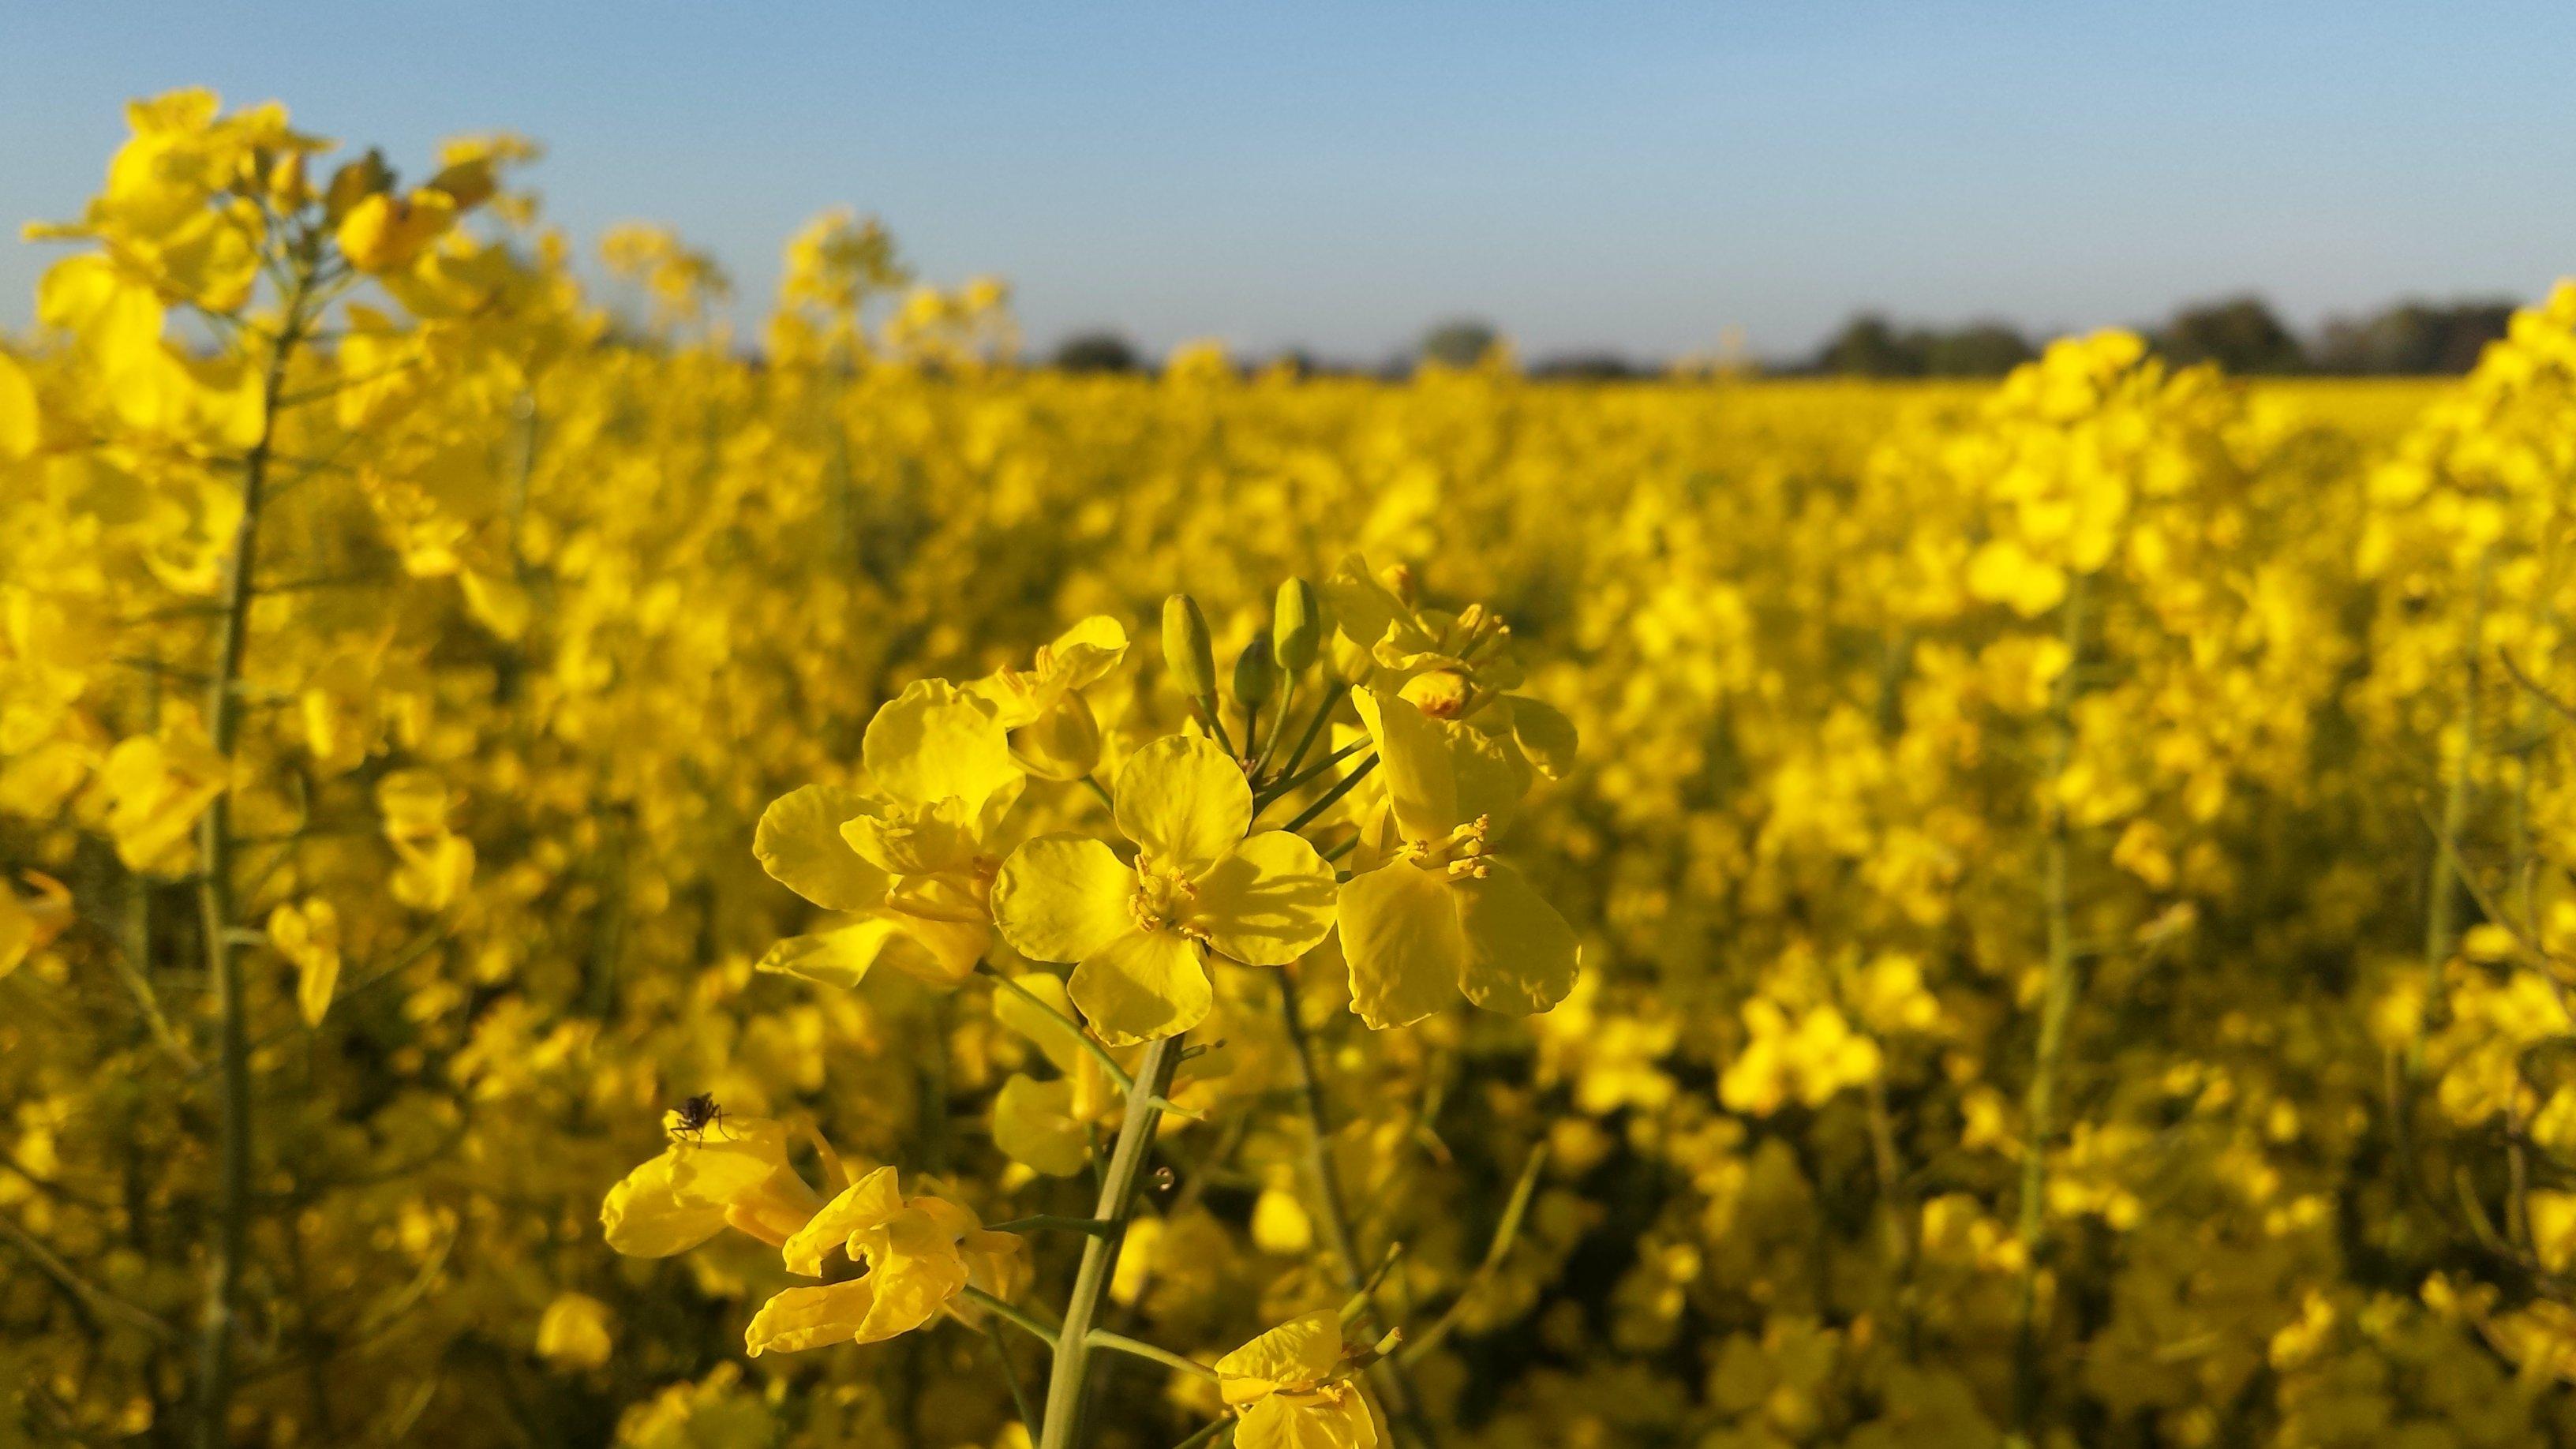 Fond d 39 cran colza jaune canola plante de moutarde for Plante jaune